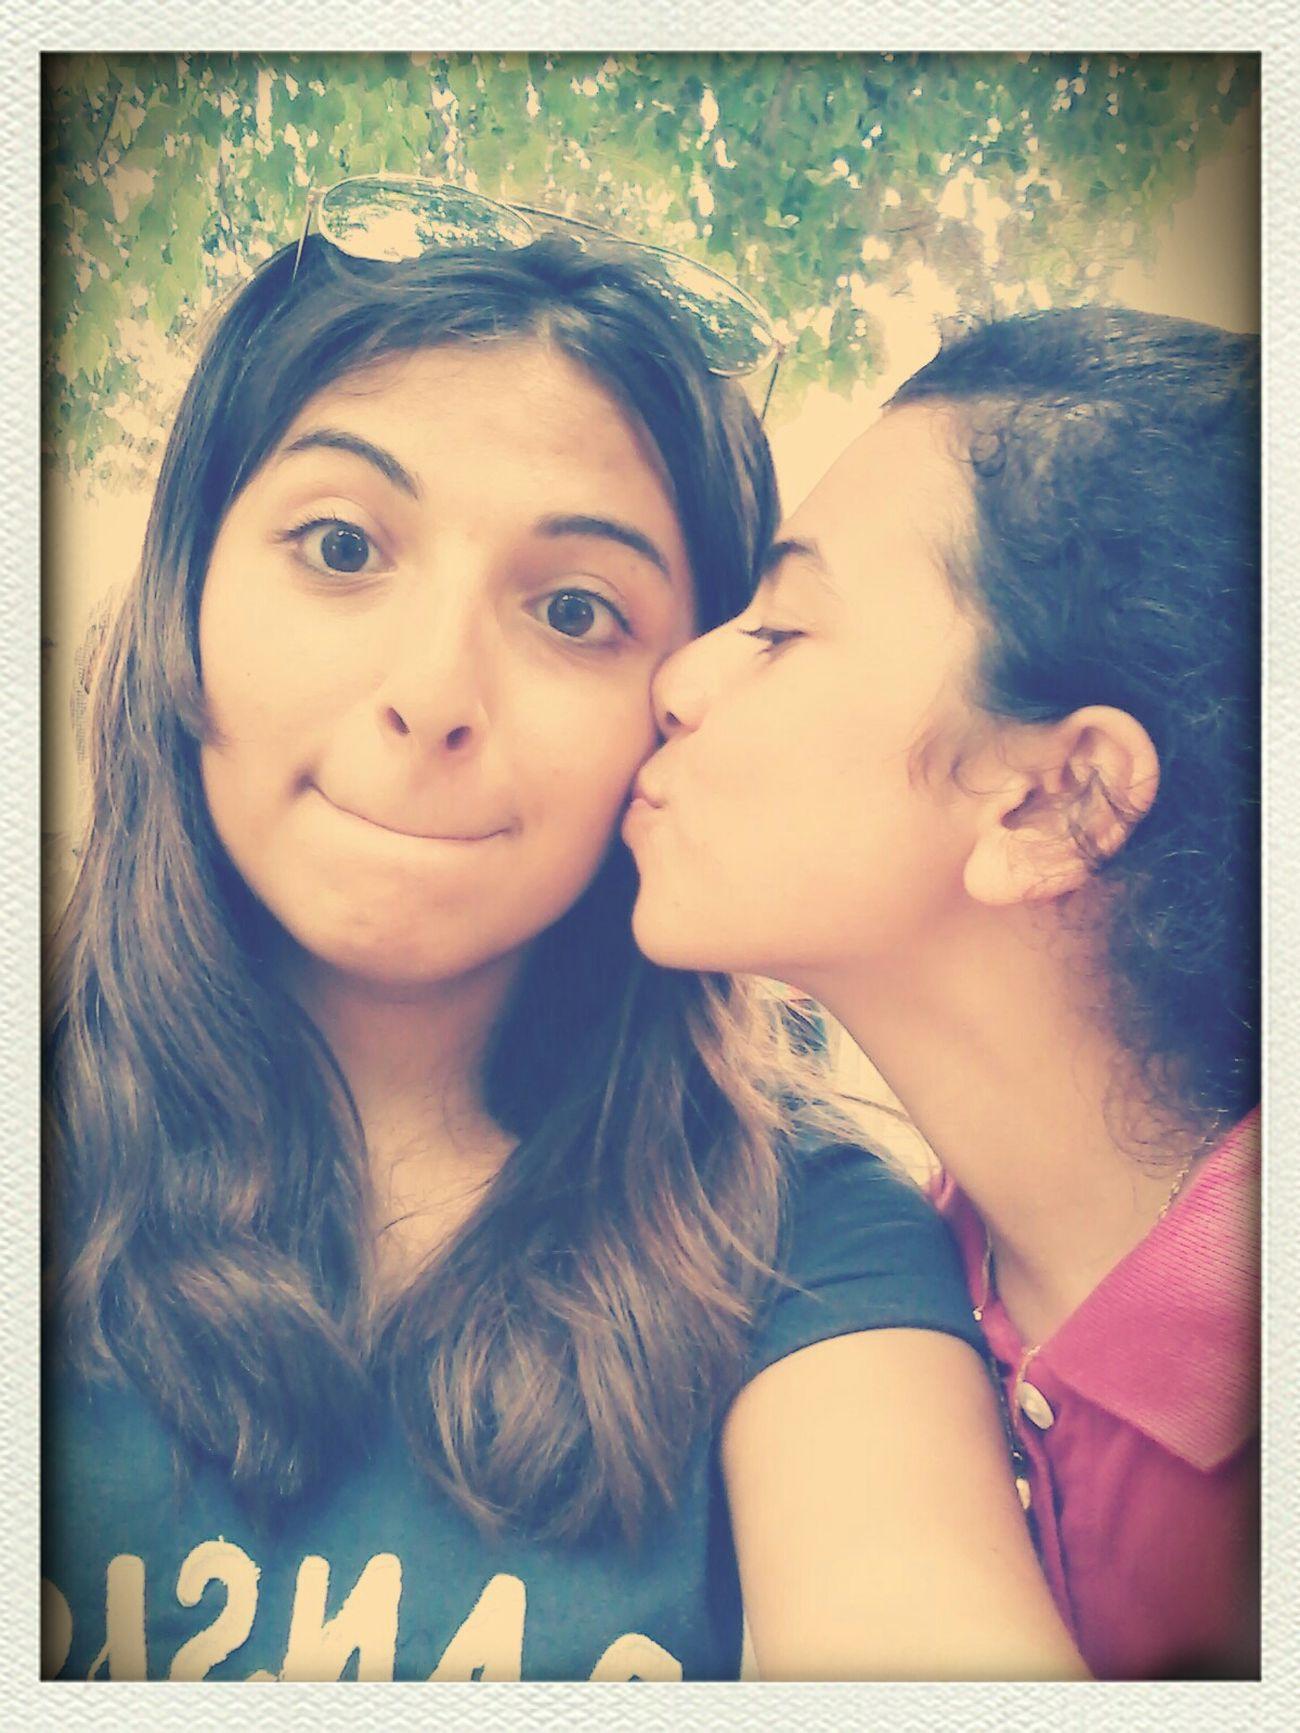 with ayoush ♡ at joun